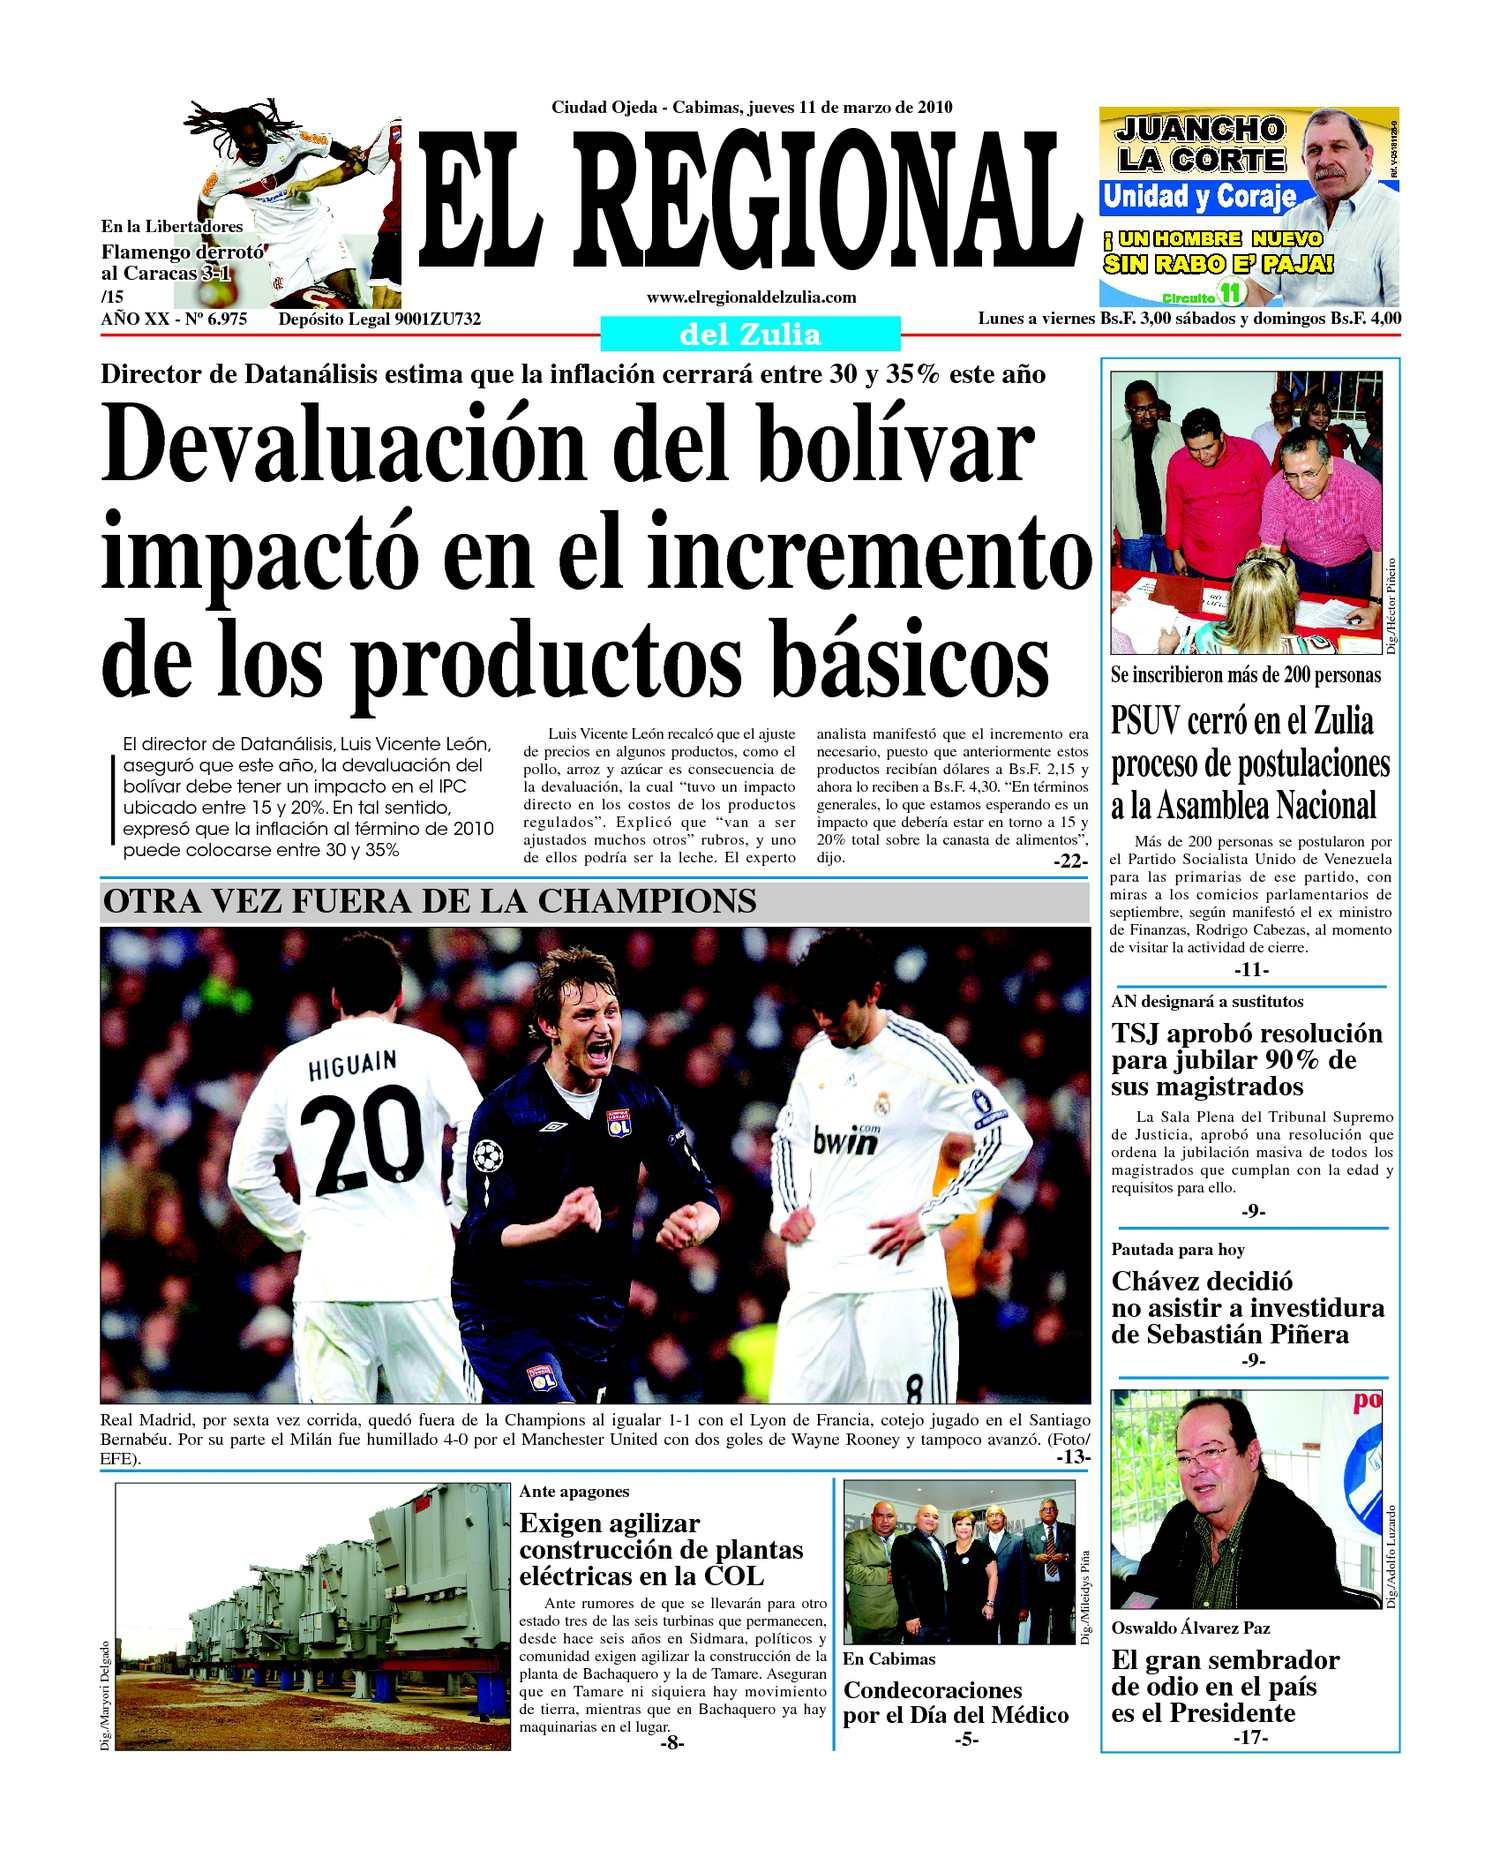 El Regional del Zulia 11-03-2010